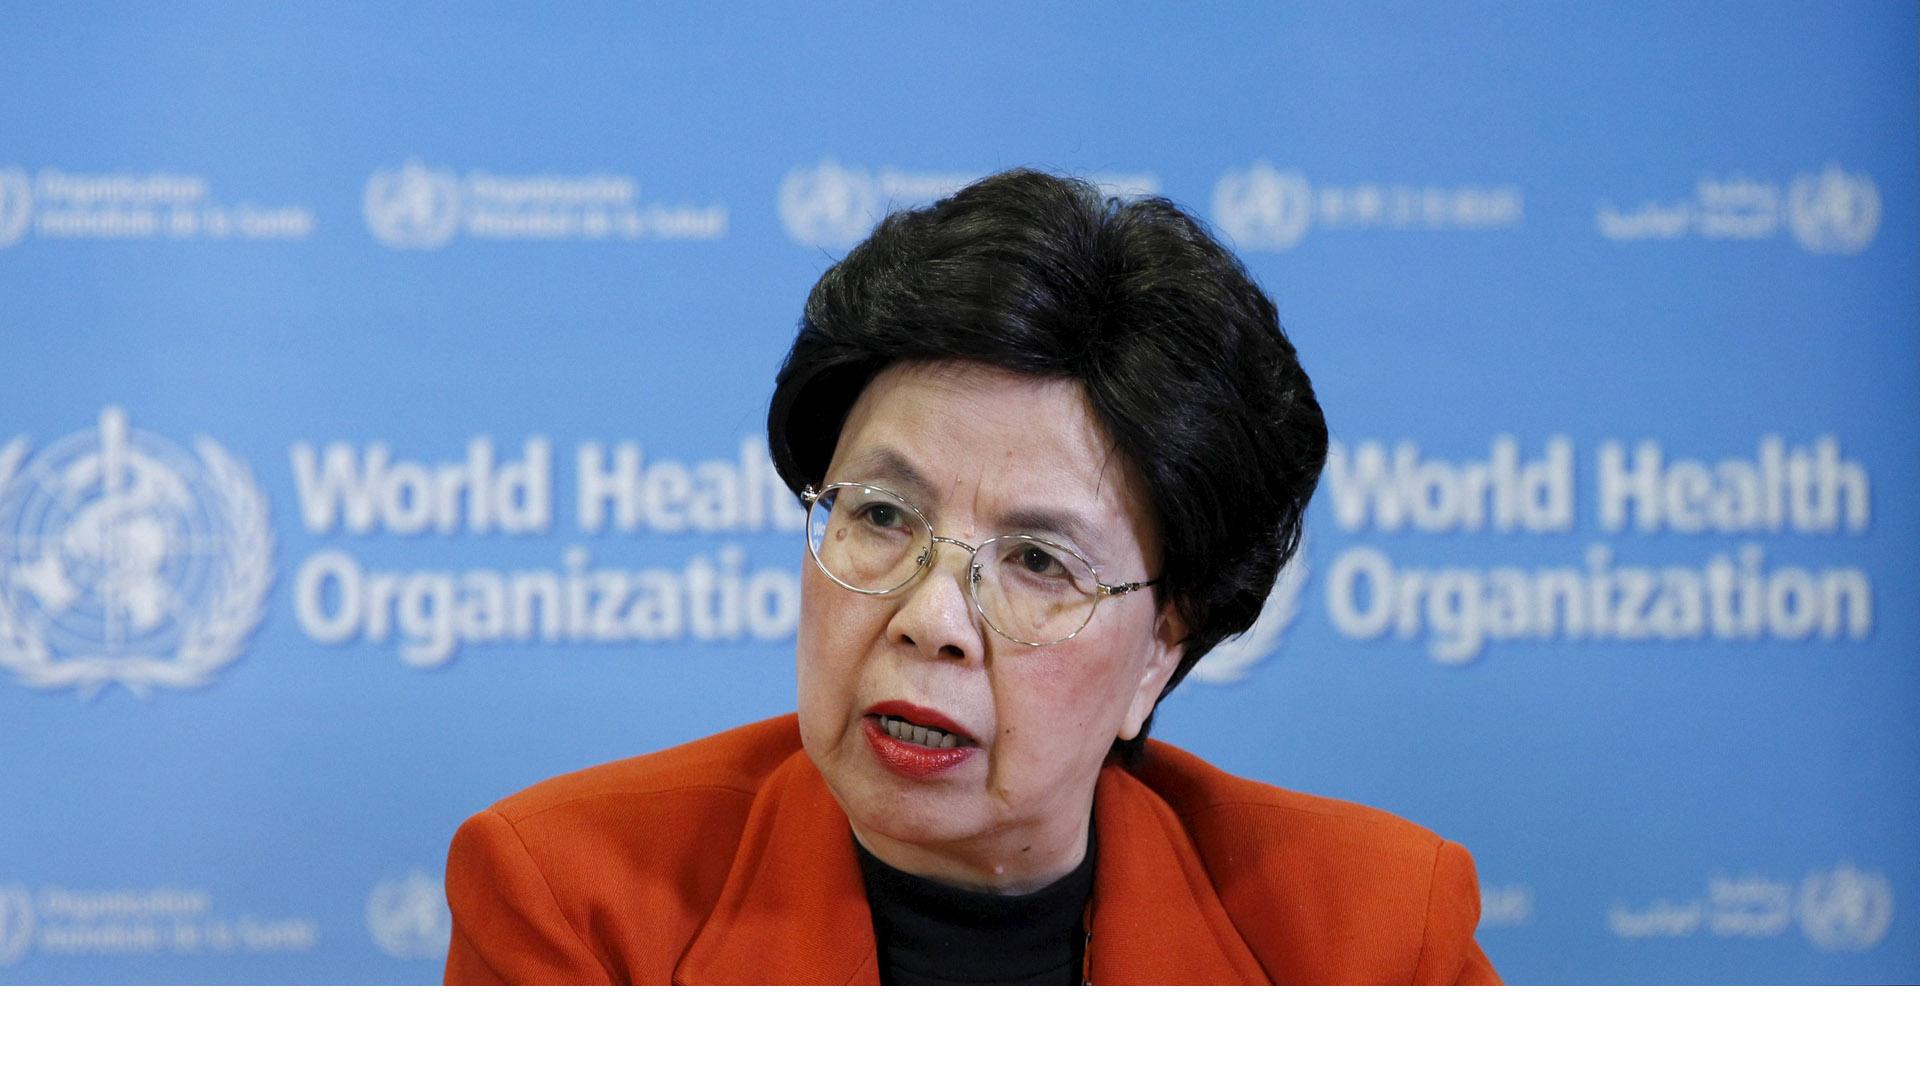 """La directora general de la organización Margaret Chan, dijo que hay que prepararse para eventuales """"sorpresas""""."""